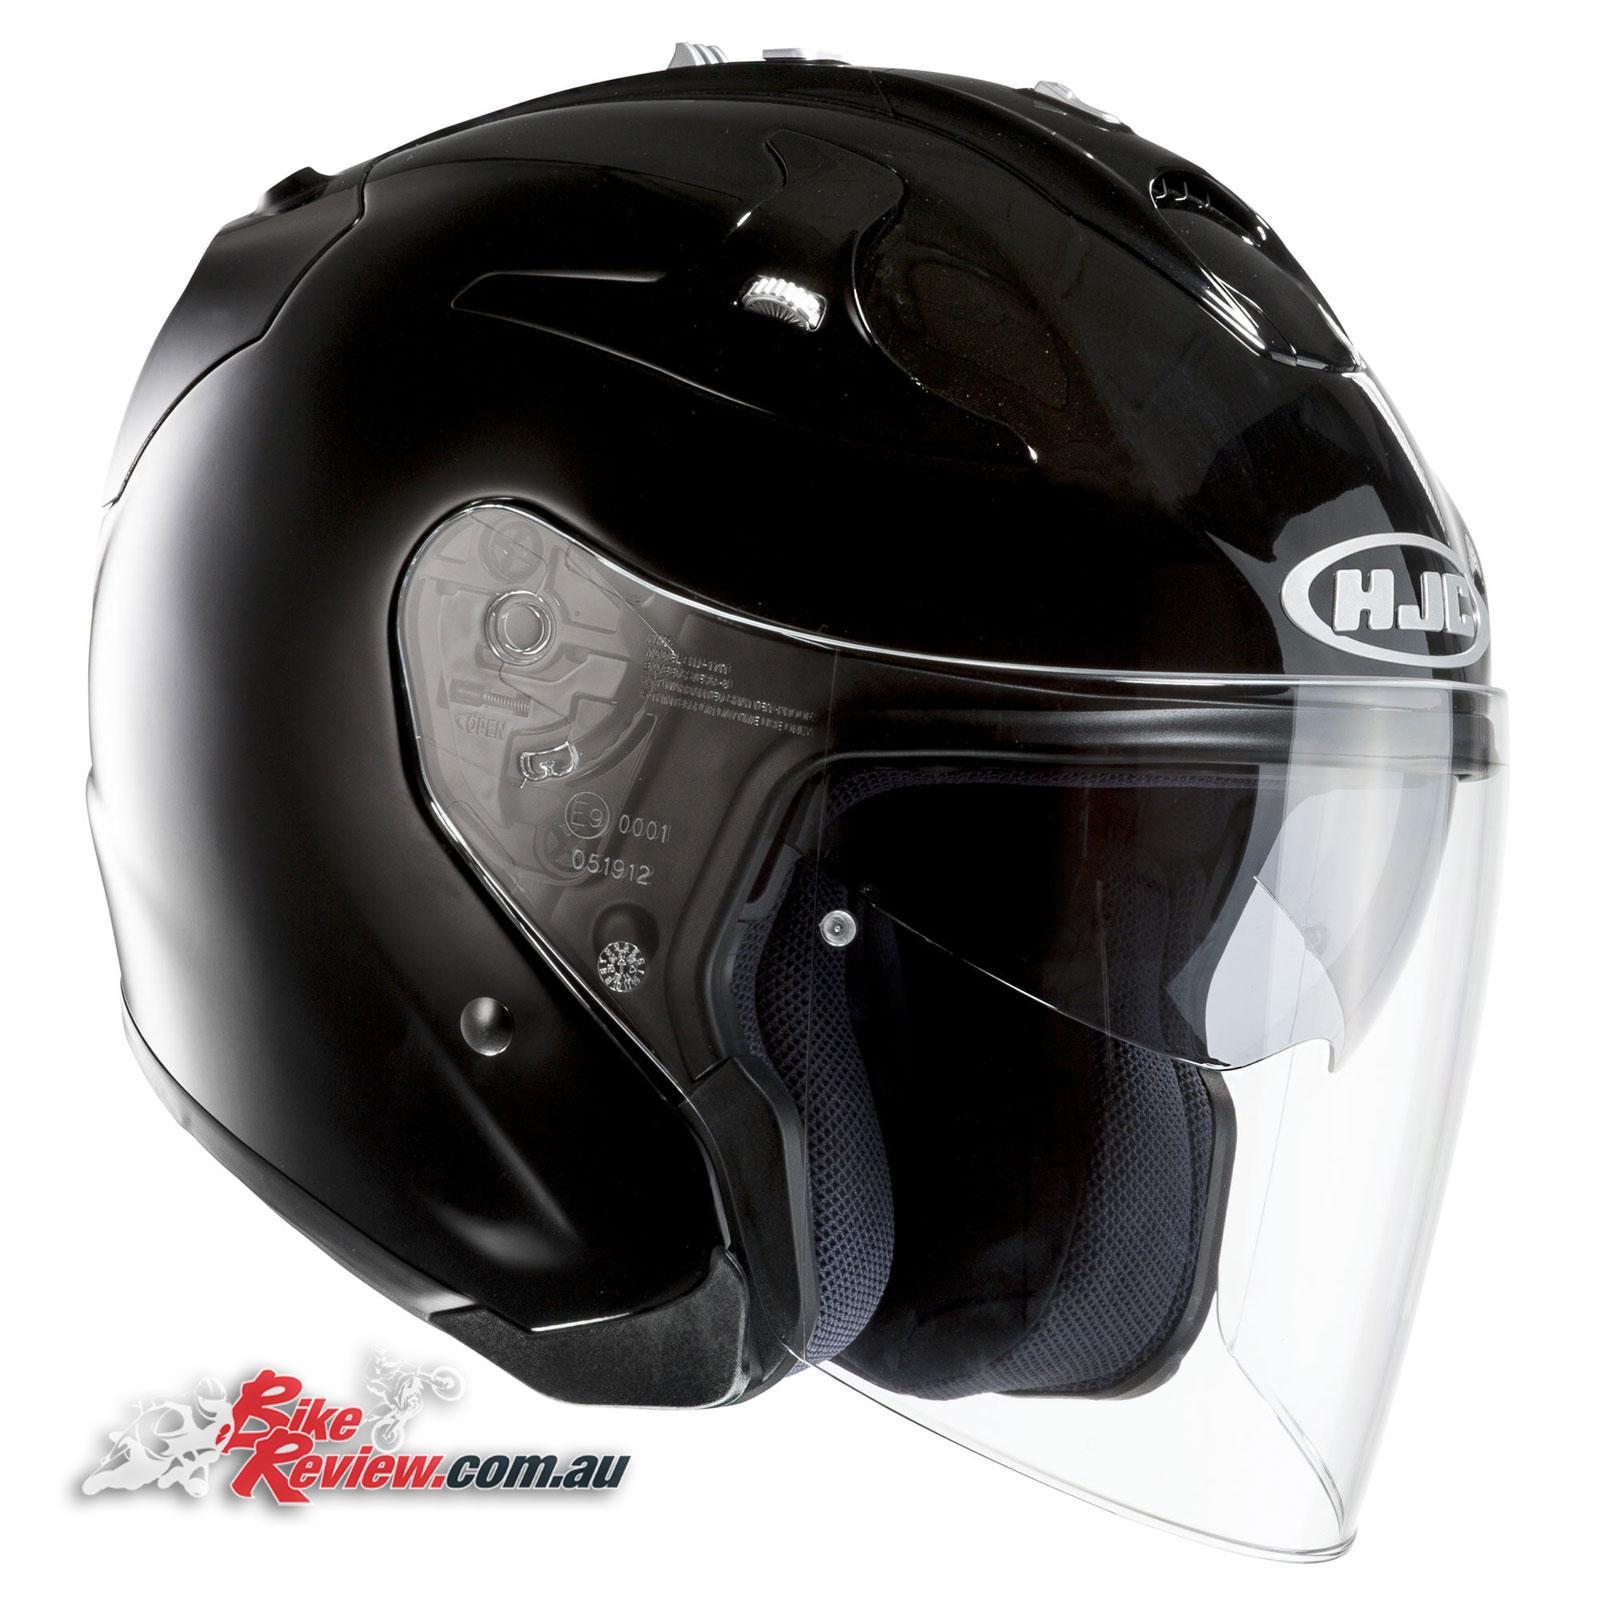 hjc fg jet helmet review bike review. Black Bedroom Furniture Sets. Home Design Ideas